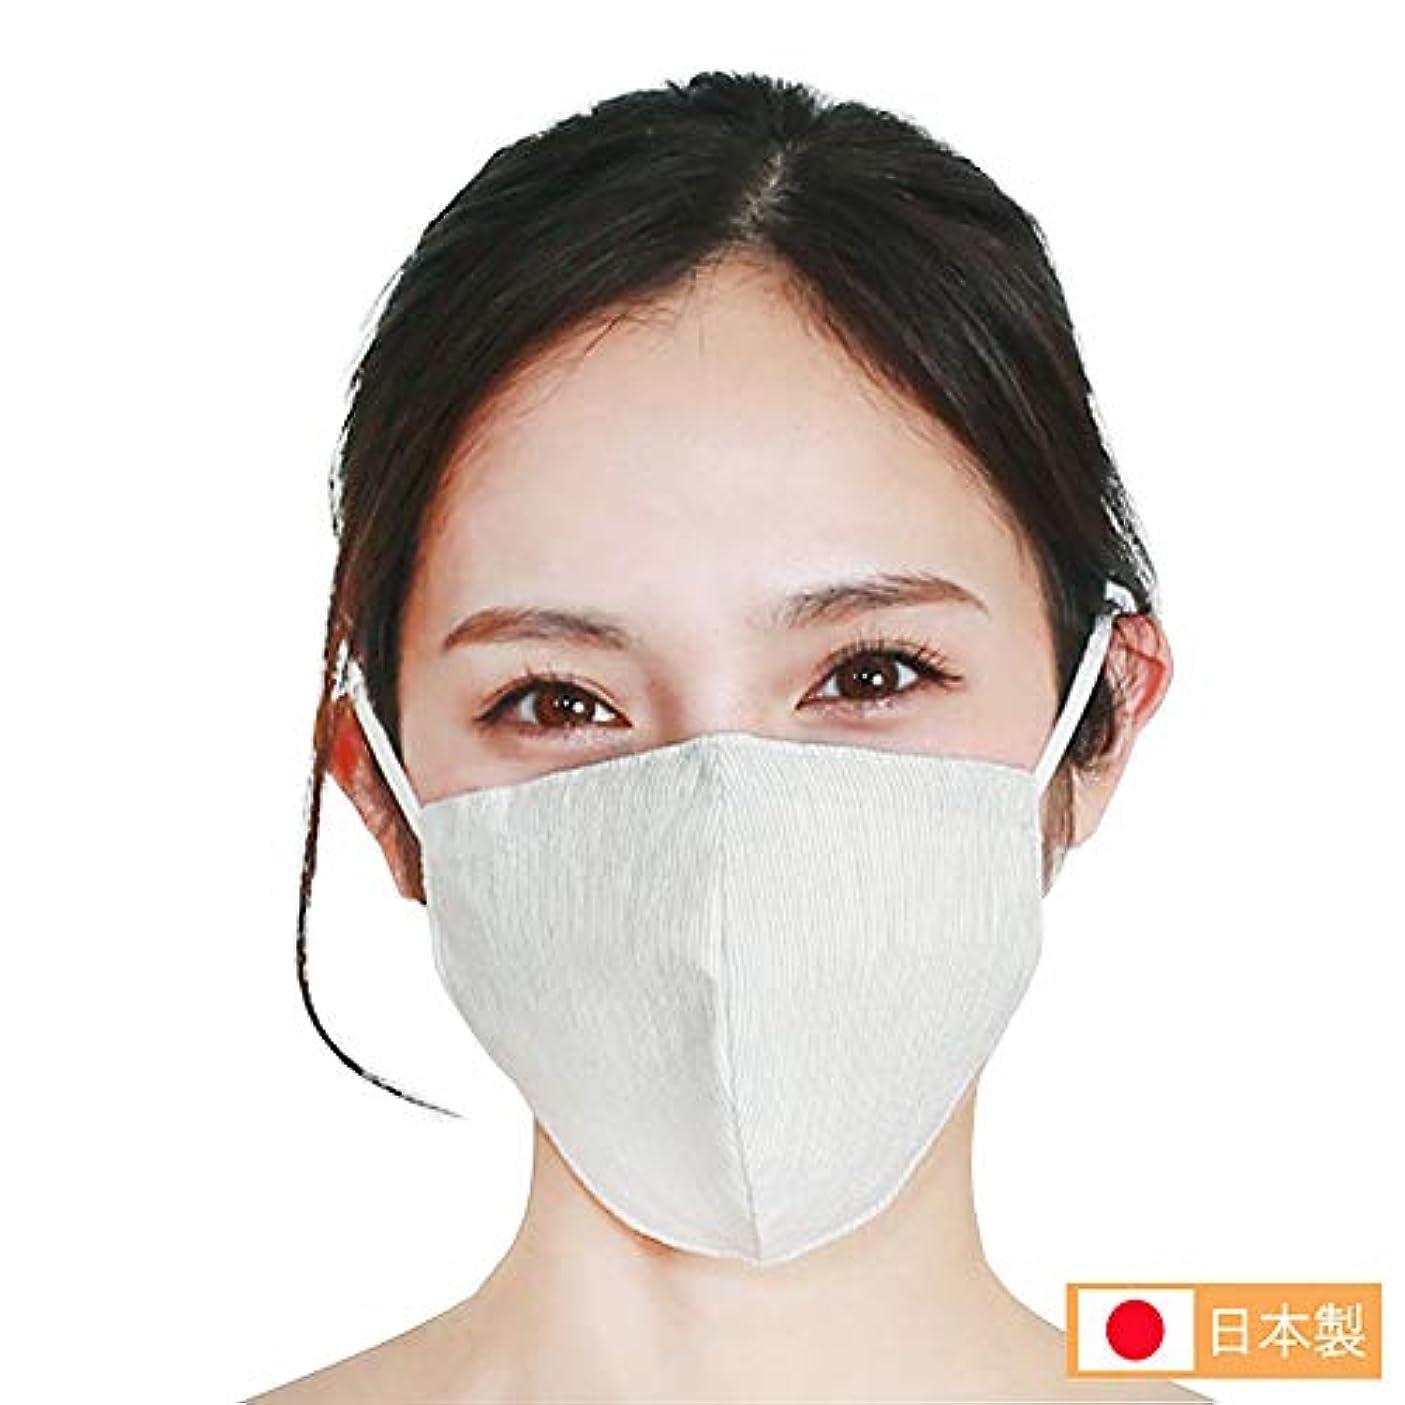 フリッパー混乱土H12-0012_NTL-SM ファブリックケアマスク(オーガニックコットンタイプ/S-Mサイズ/ナチュラル)肌側シルク100% 洗える 耳が痛くならない 花粉除去率96%